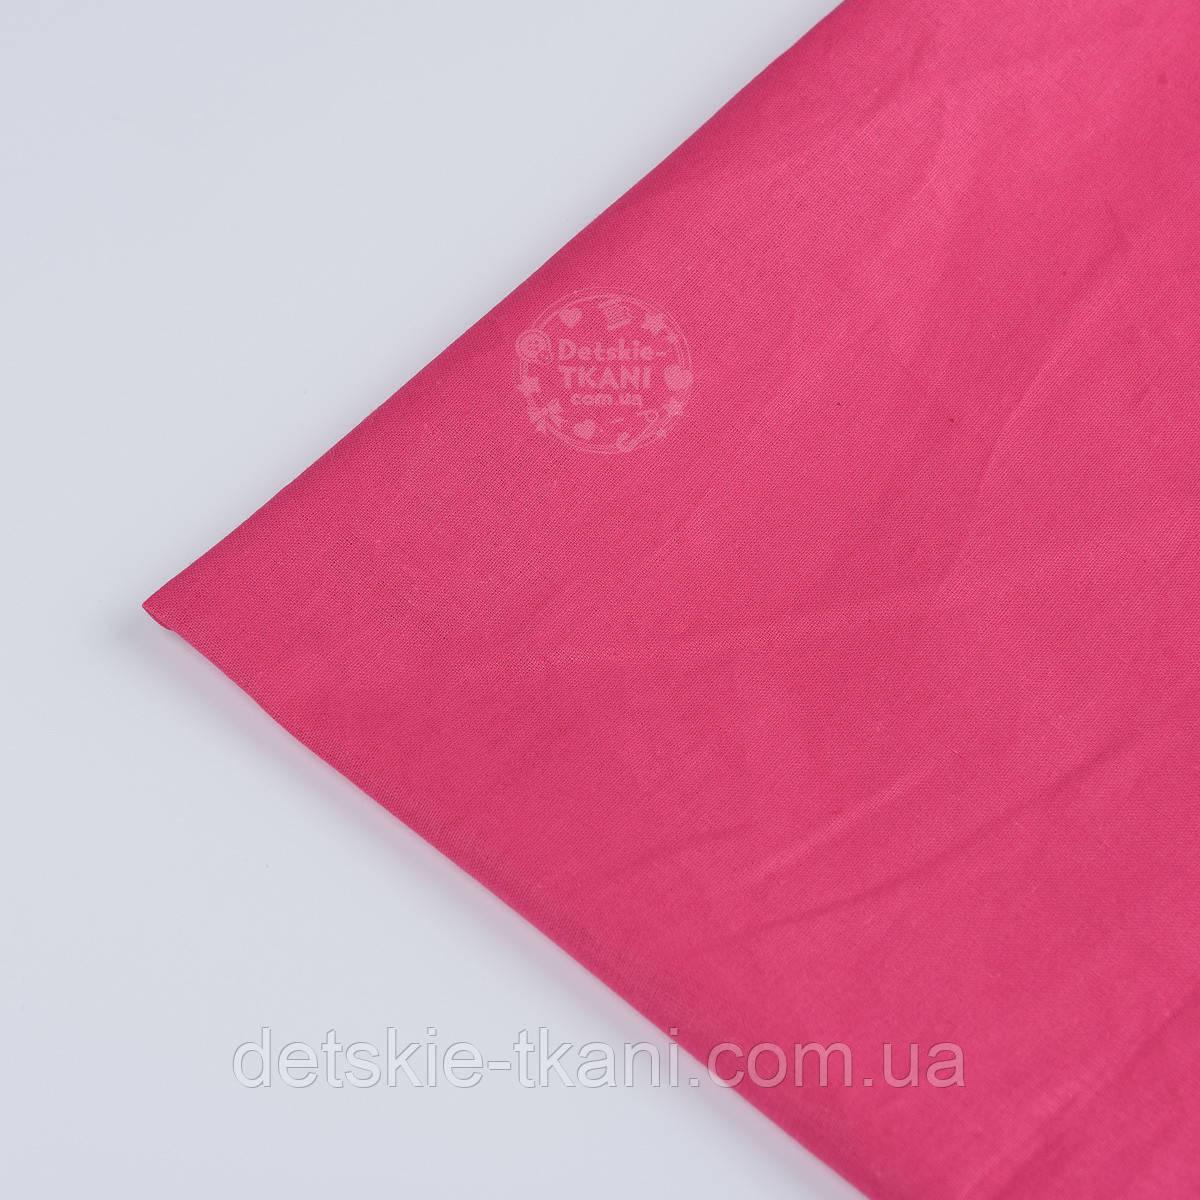 Лоскут ткани №143  однотонная малинового цвета, размер 44*78 см